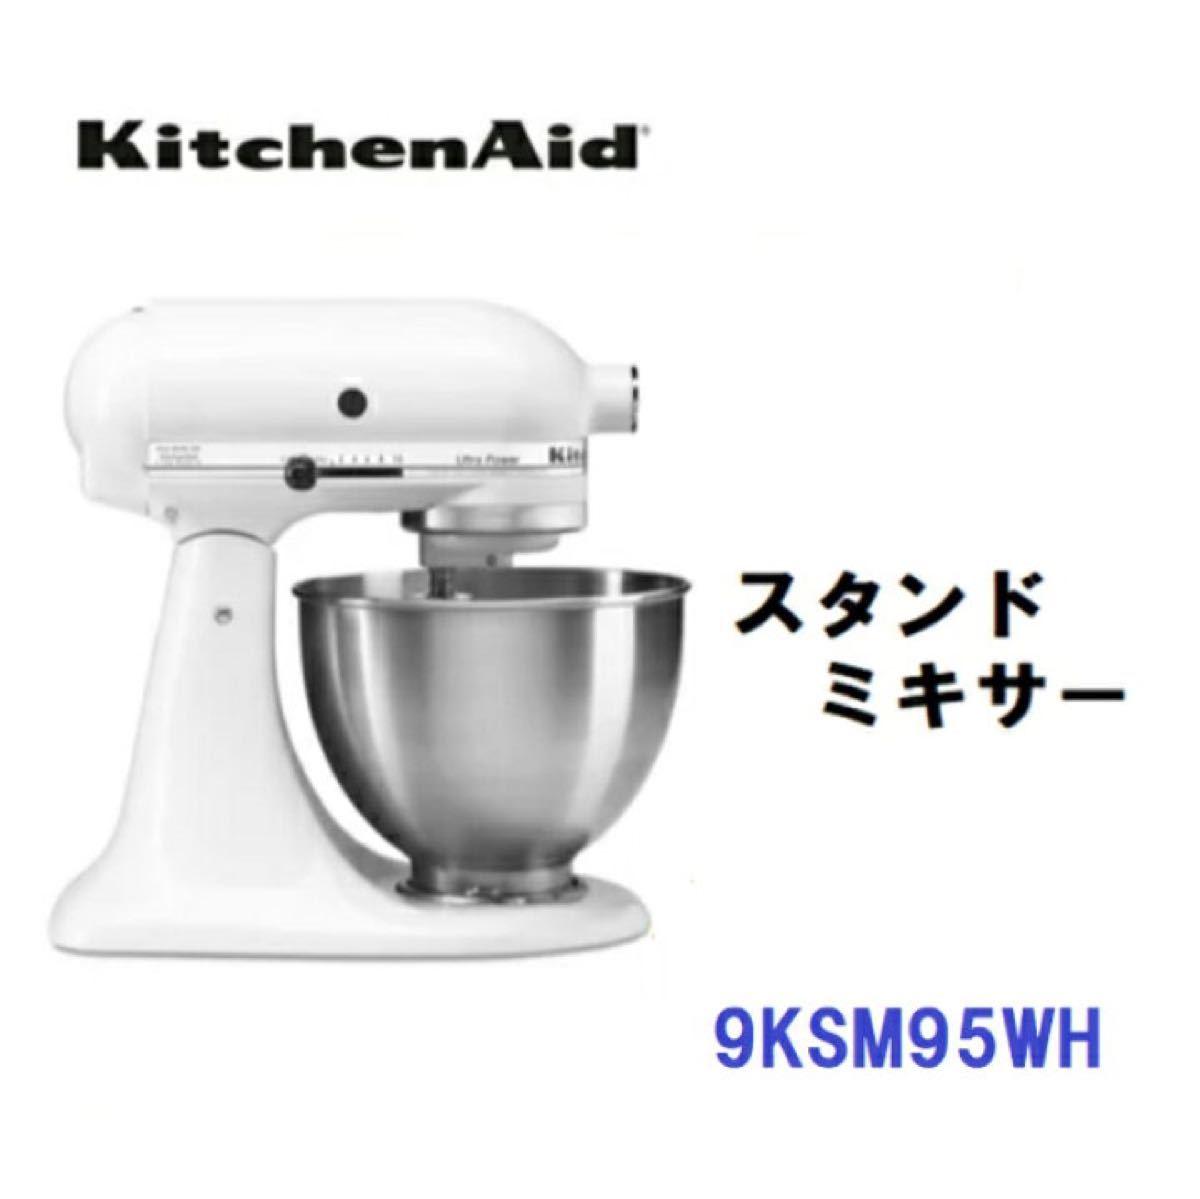 新品未開封 キッチンエイド KitchenAid スタンドミキサー カラー:白 赤コストコ